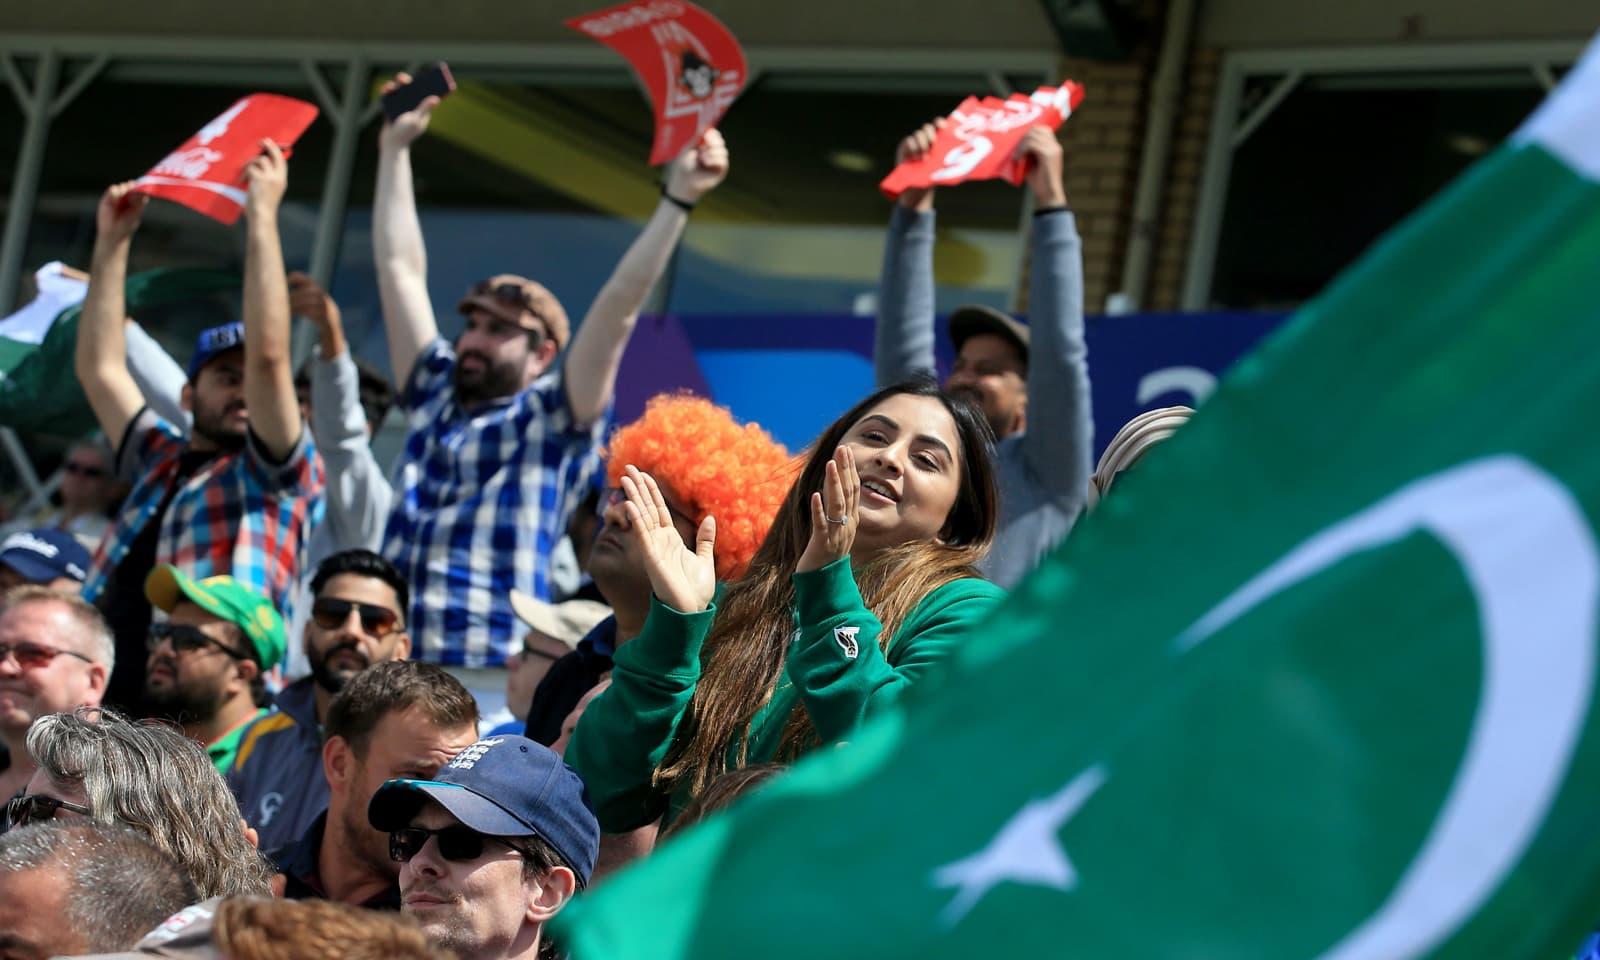 باؤنڈری لگنے پر پاکستانی شائقین خوشی سے جھوم رہے اور داد دے رہے ہیں — فوٹو: اے ایف پی